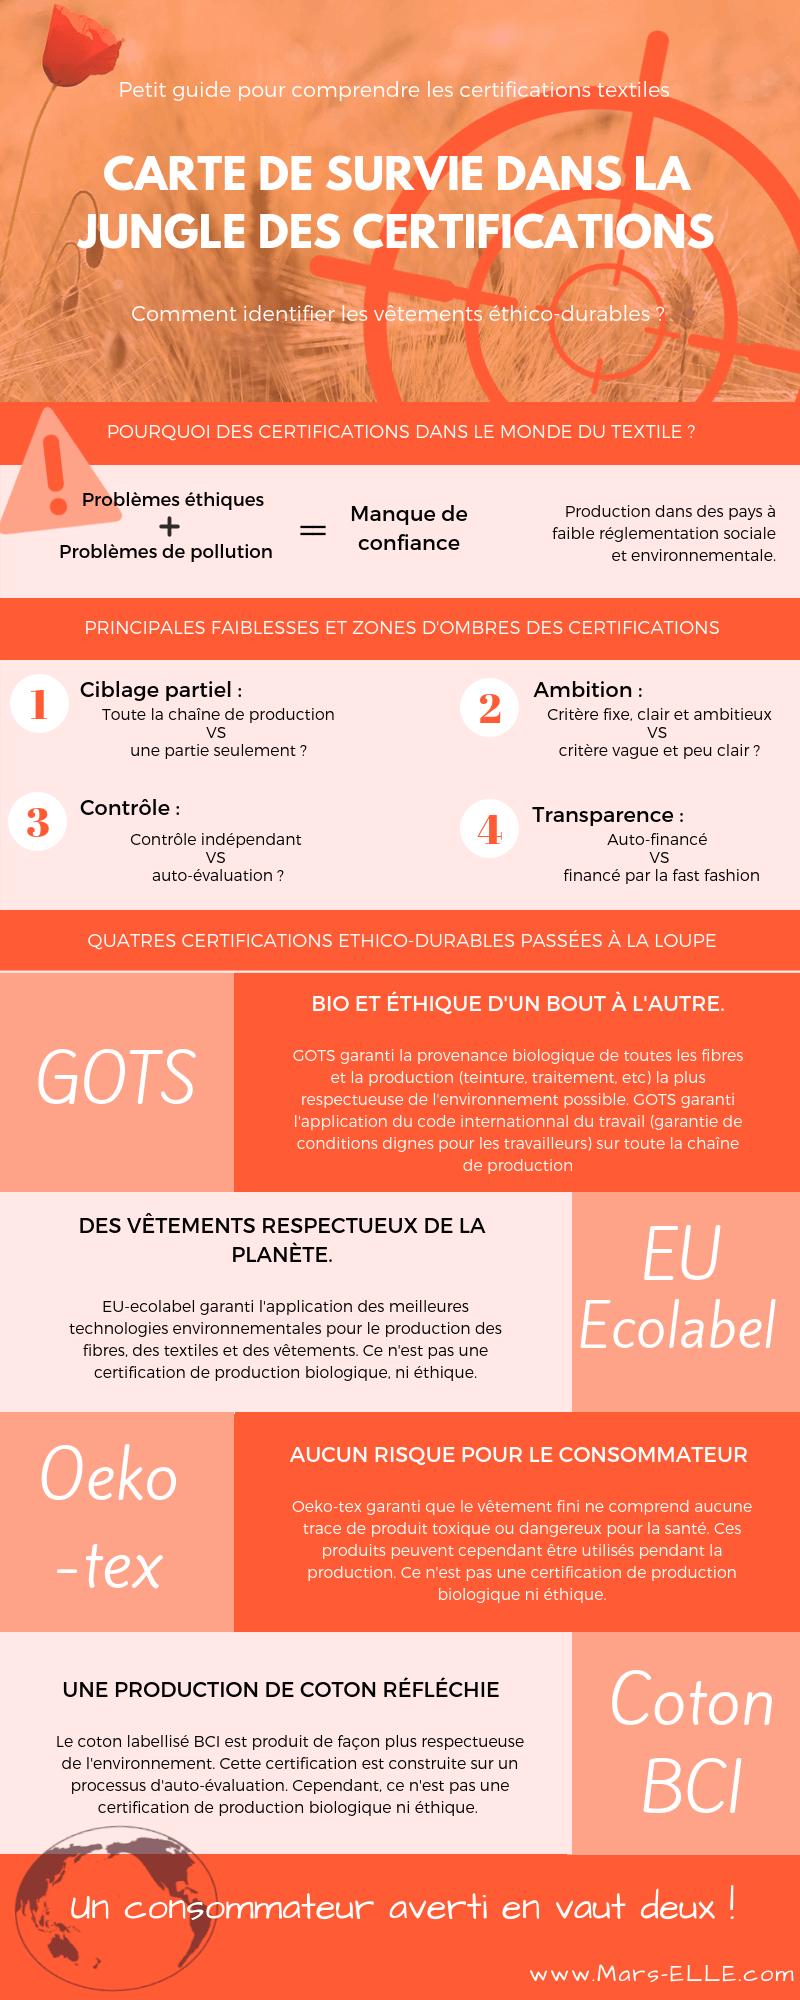 certification textile ambition GOTS BCI Oeko-tex EU-ecolabel